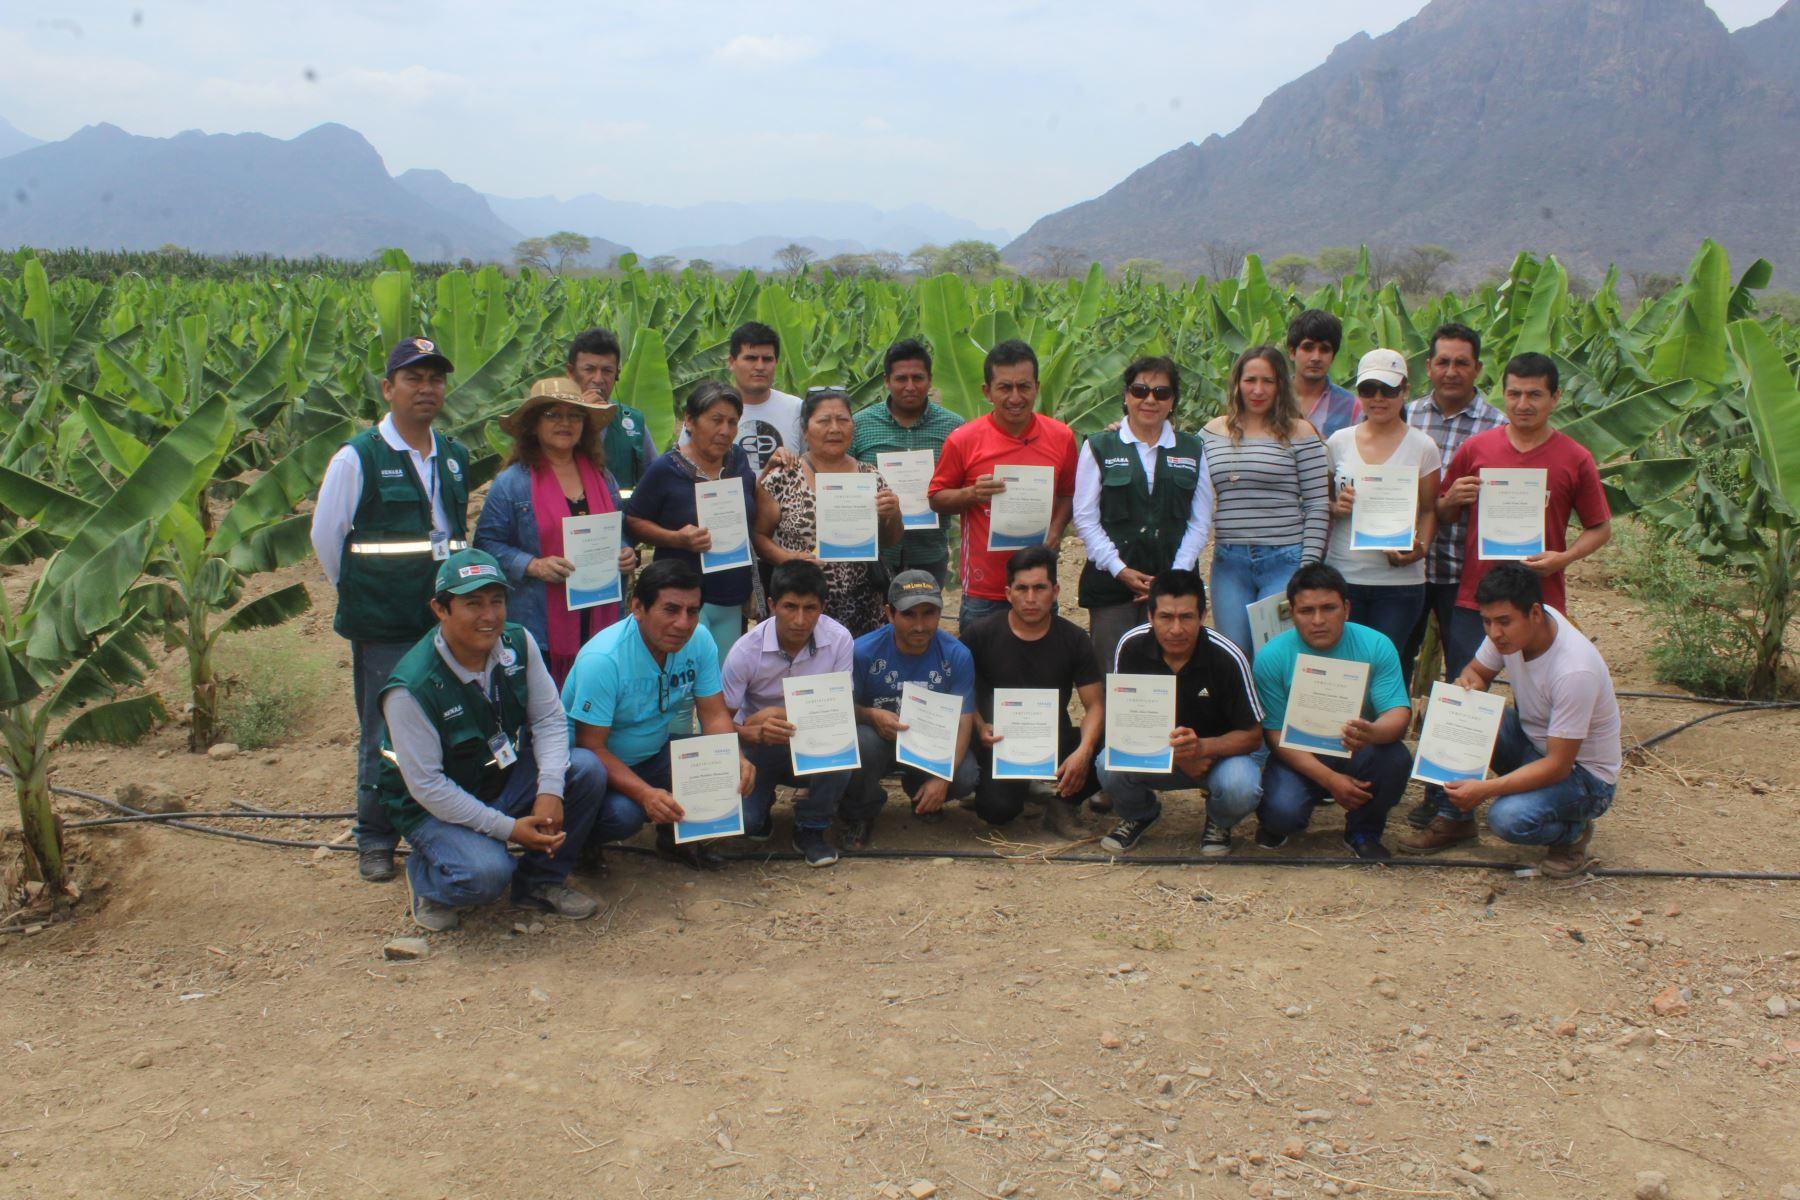 Diecisiete productores bananeros de Olmos (Lambayeque) ahora son expertos en el manejo integrado de plagas.